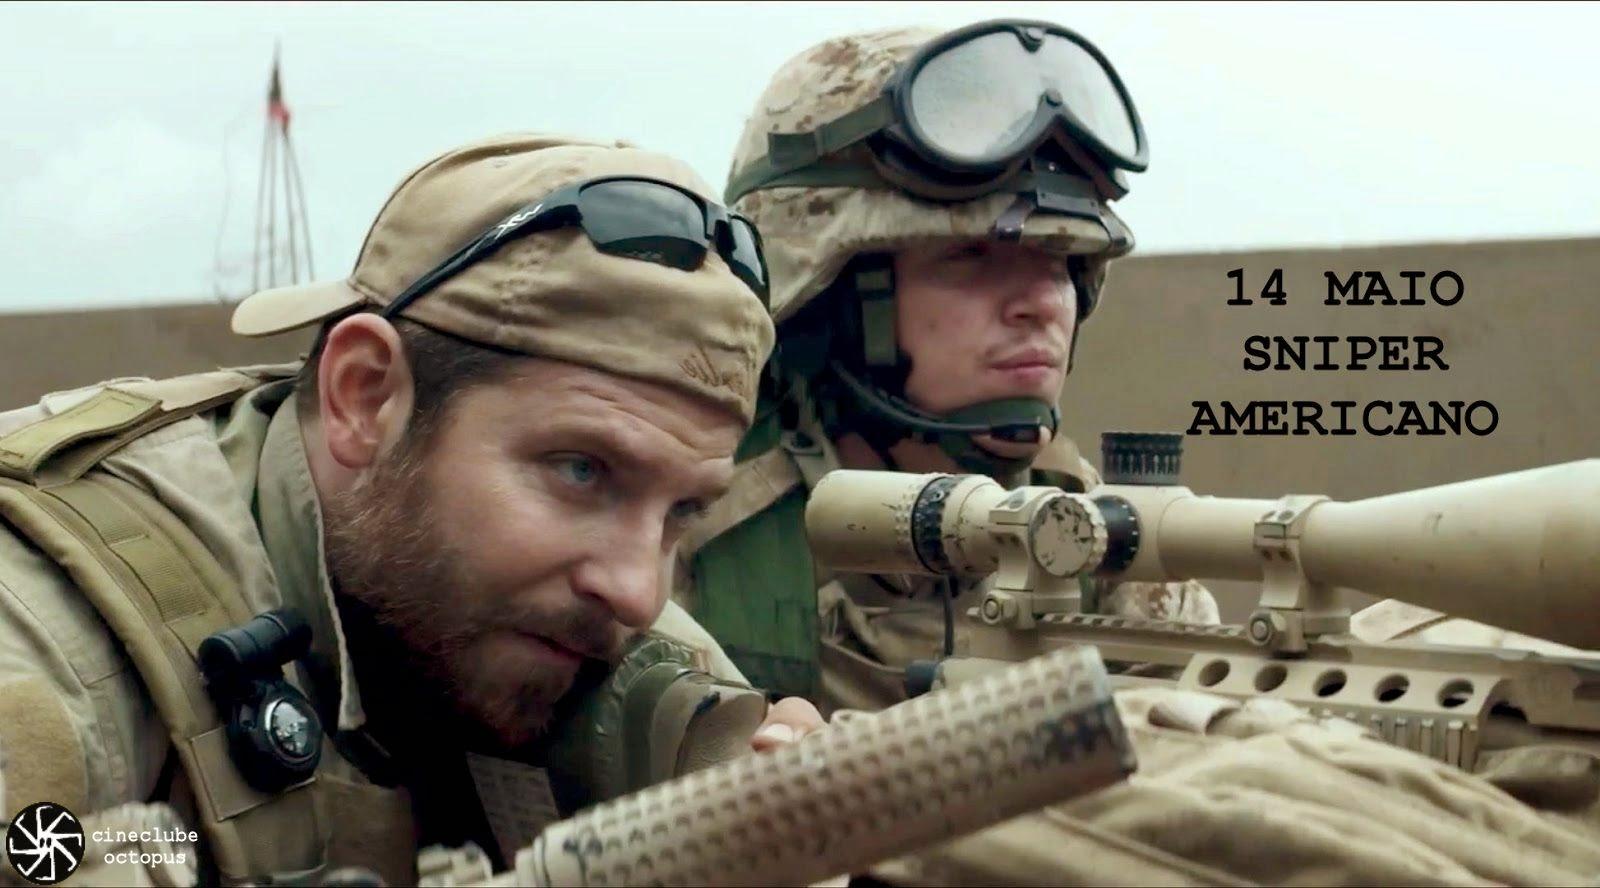 Sniper Americano - American Sniper (2014) de Clint Eastwood